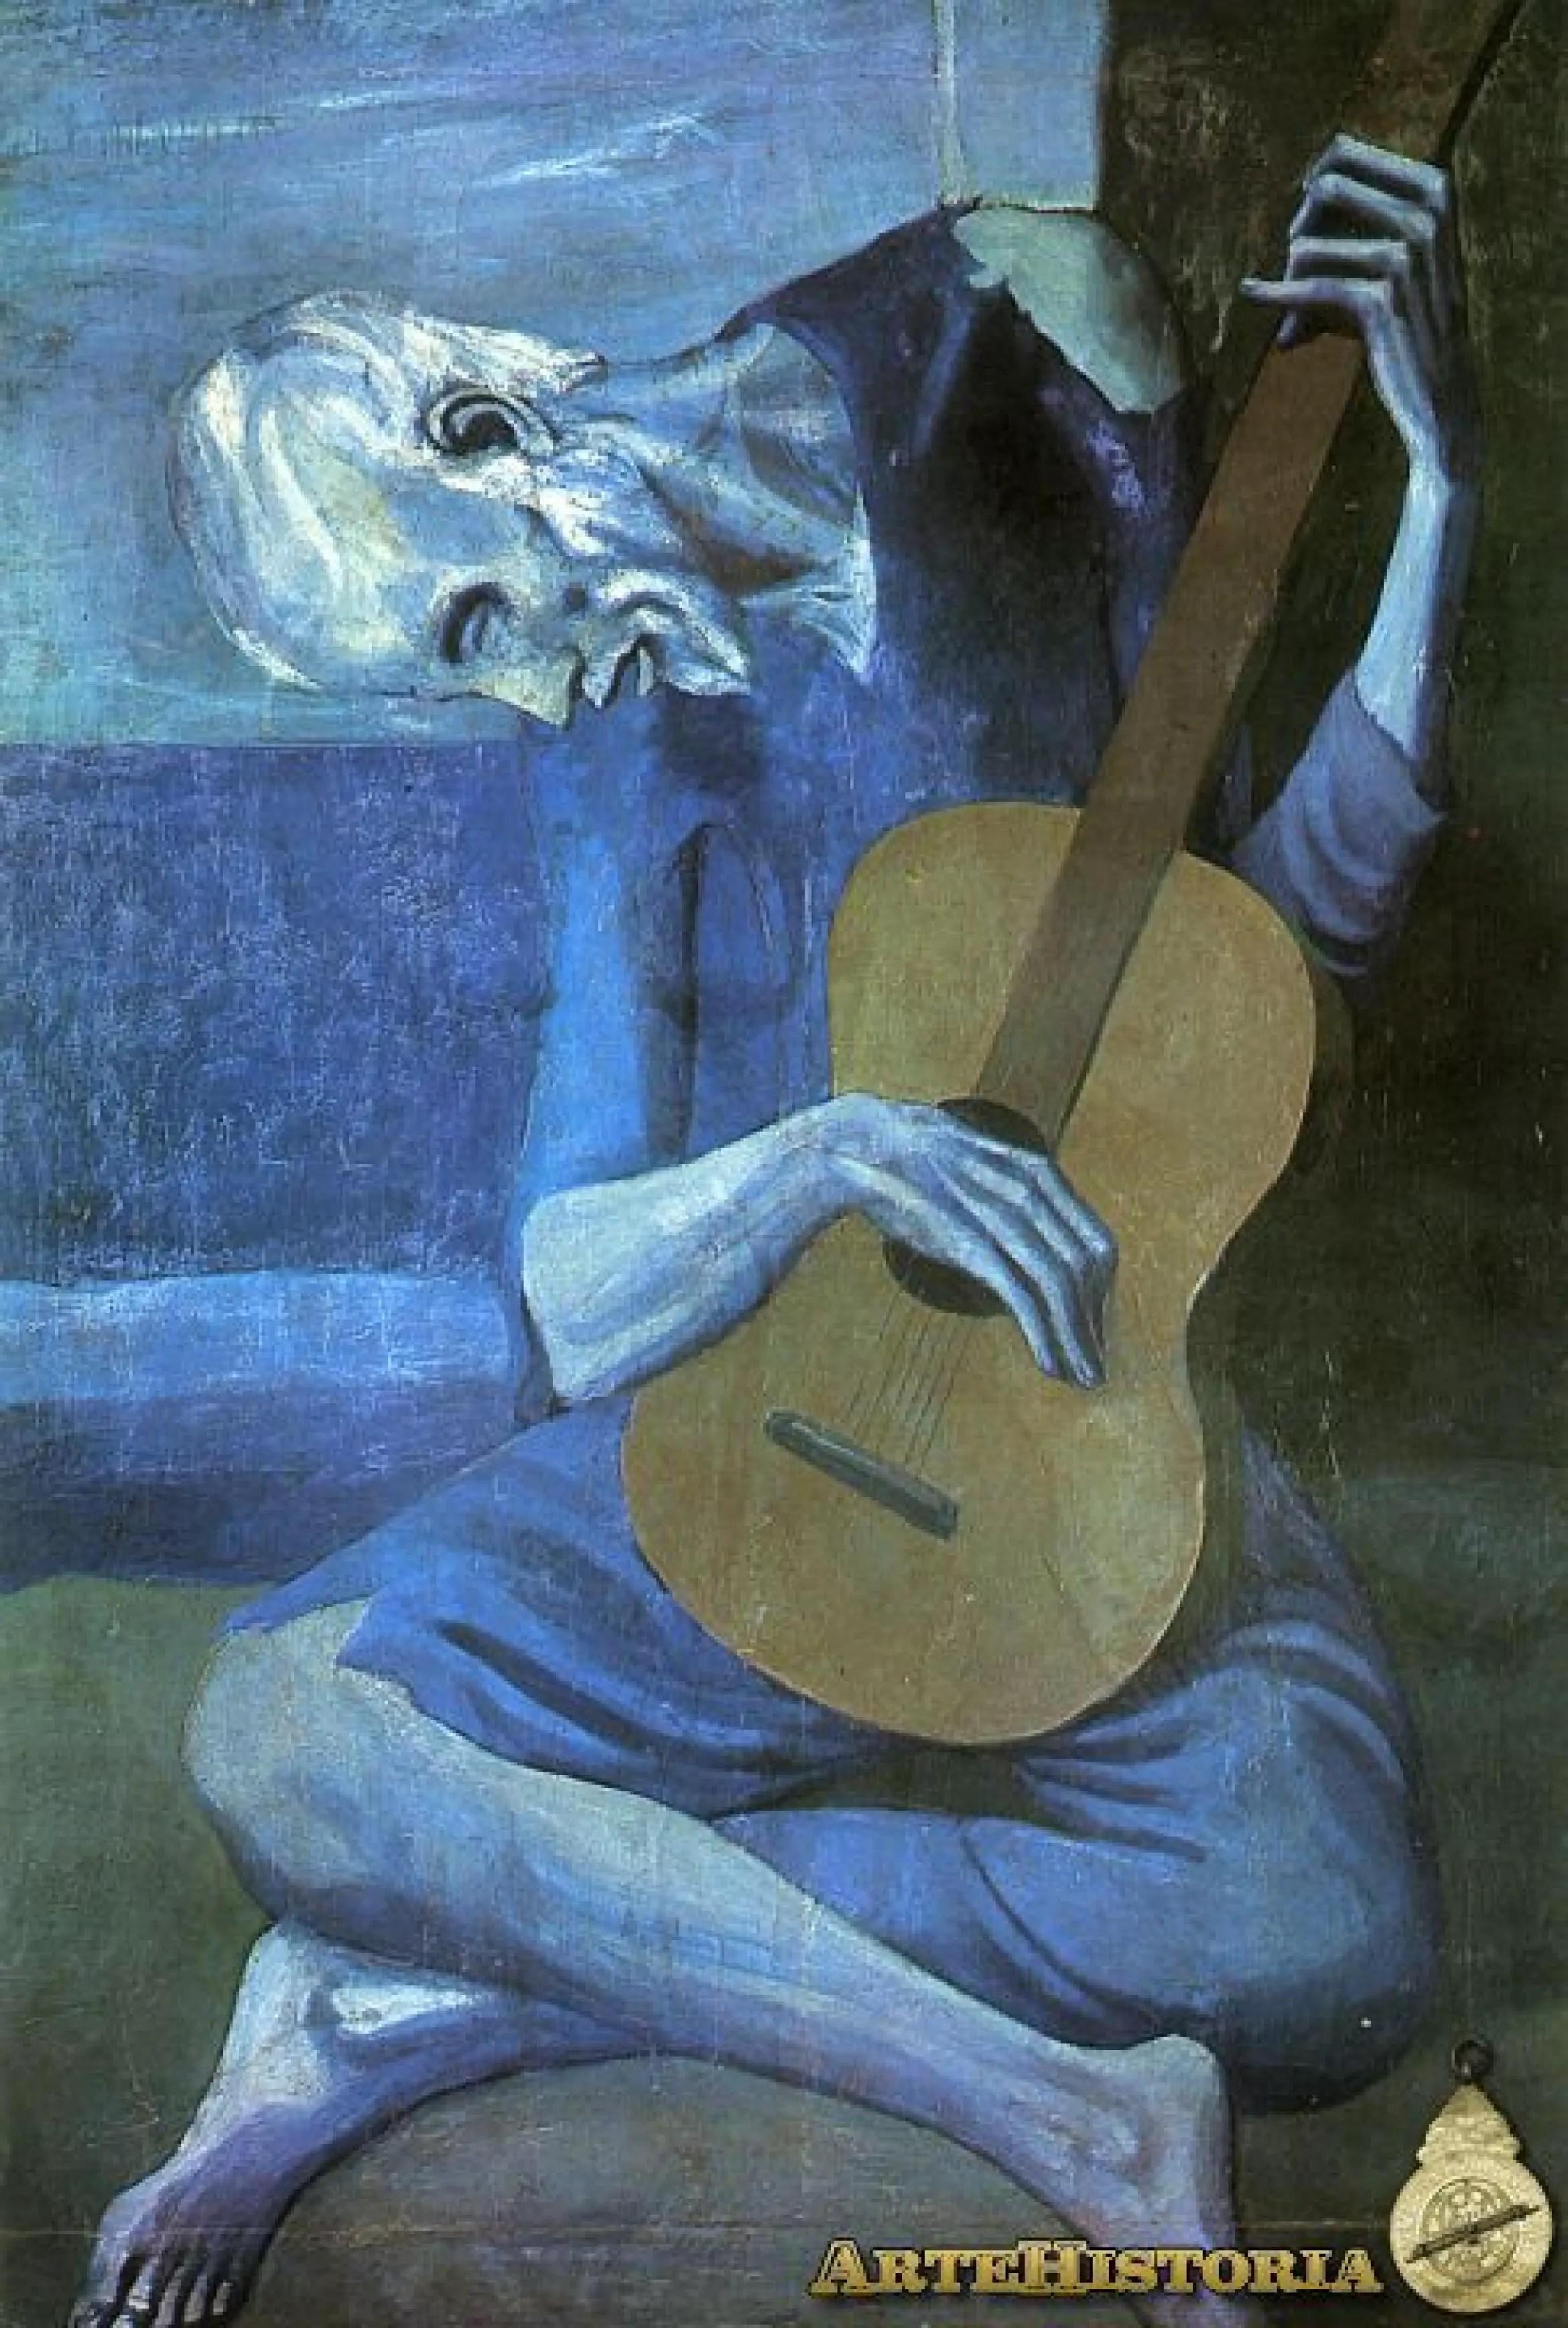 Guitarrista ciego  artehistoriacom